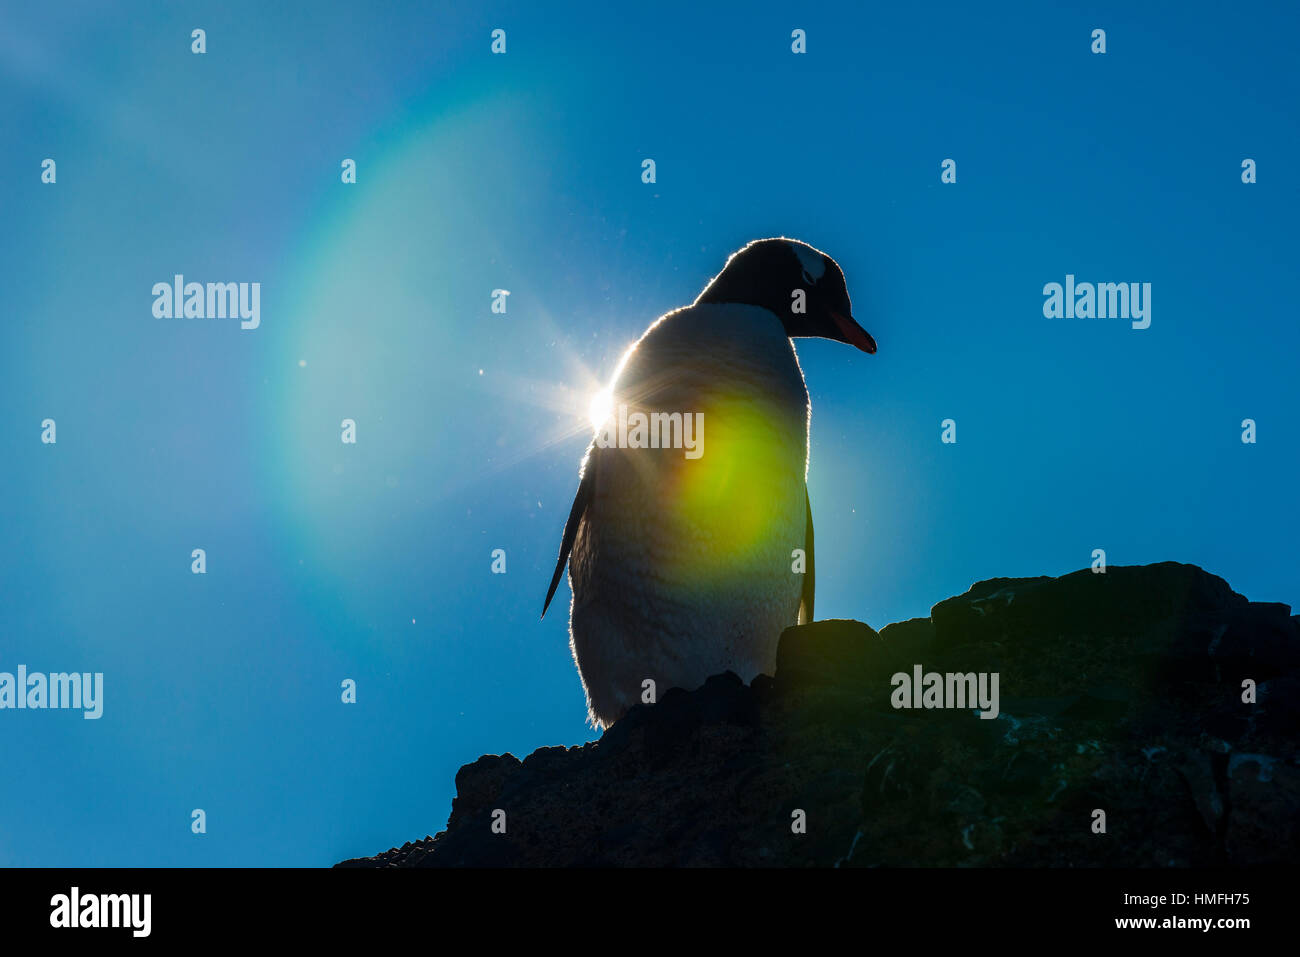 Gentoo Penguin (Pygoscelis Papua) in der Hintergrundbeleuchtung, Brown zu bluffen, Antarktis, Polarregionen Stockbild